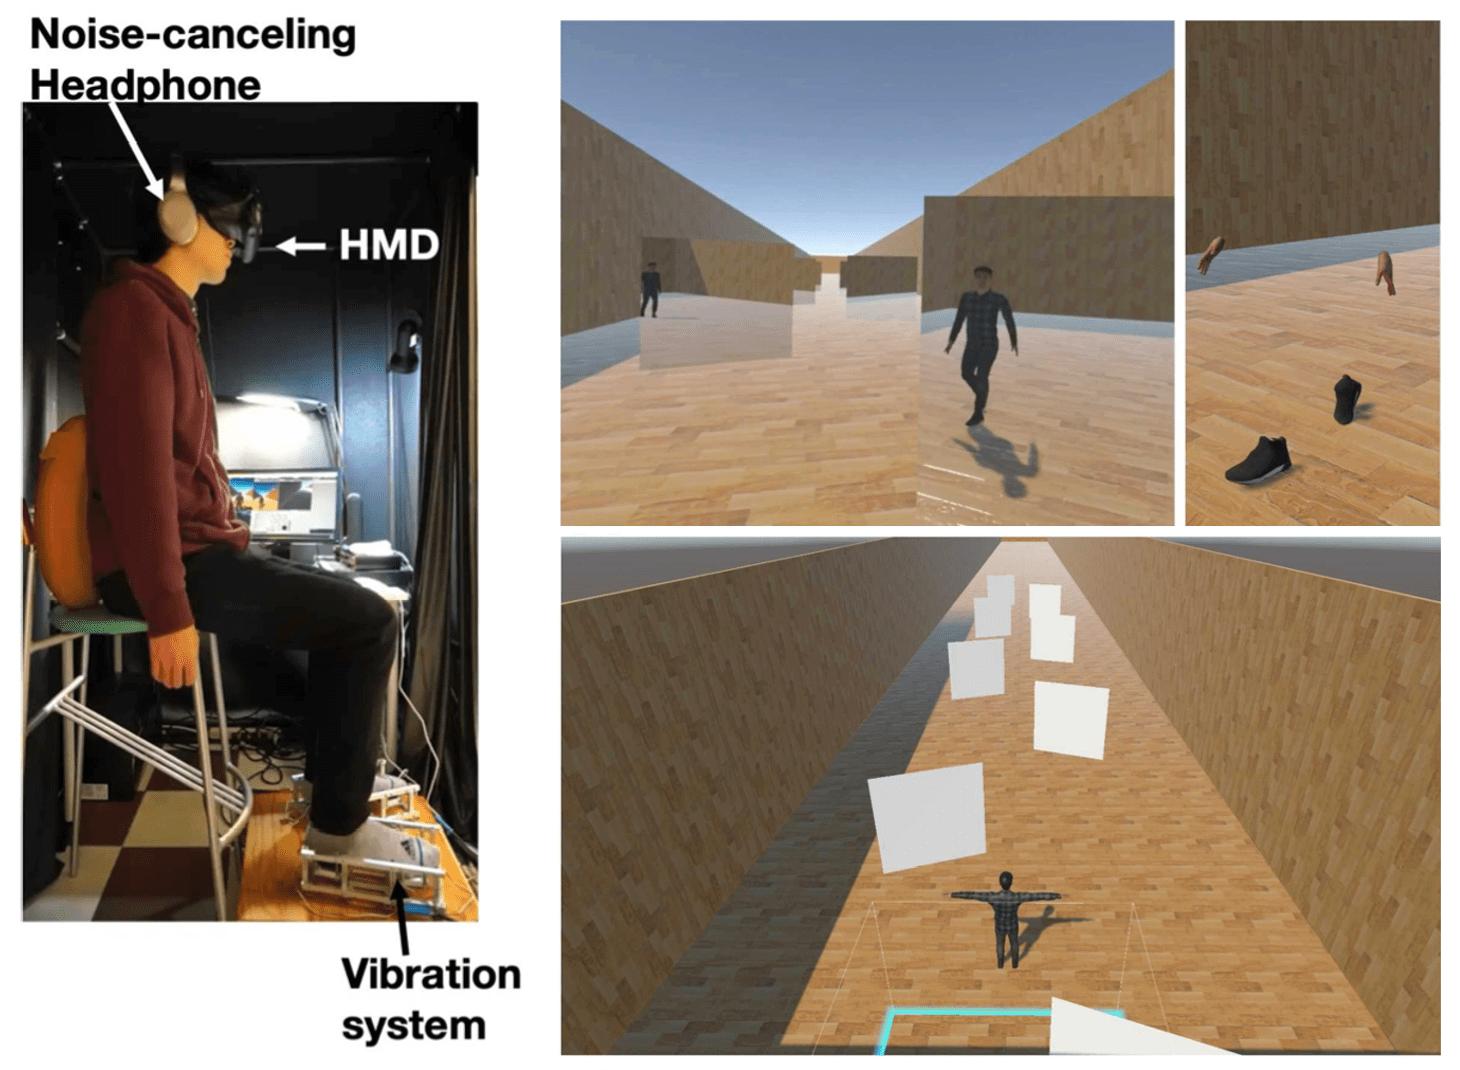 「歩いているアバターによるバーチャル歩行体験を提供する」システムを体験する様子(左)と、バーチャル空間内の様子(右側3枚)(画像提供:豊橋技術科学大学)